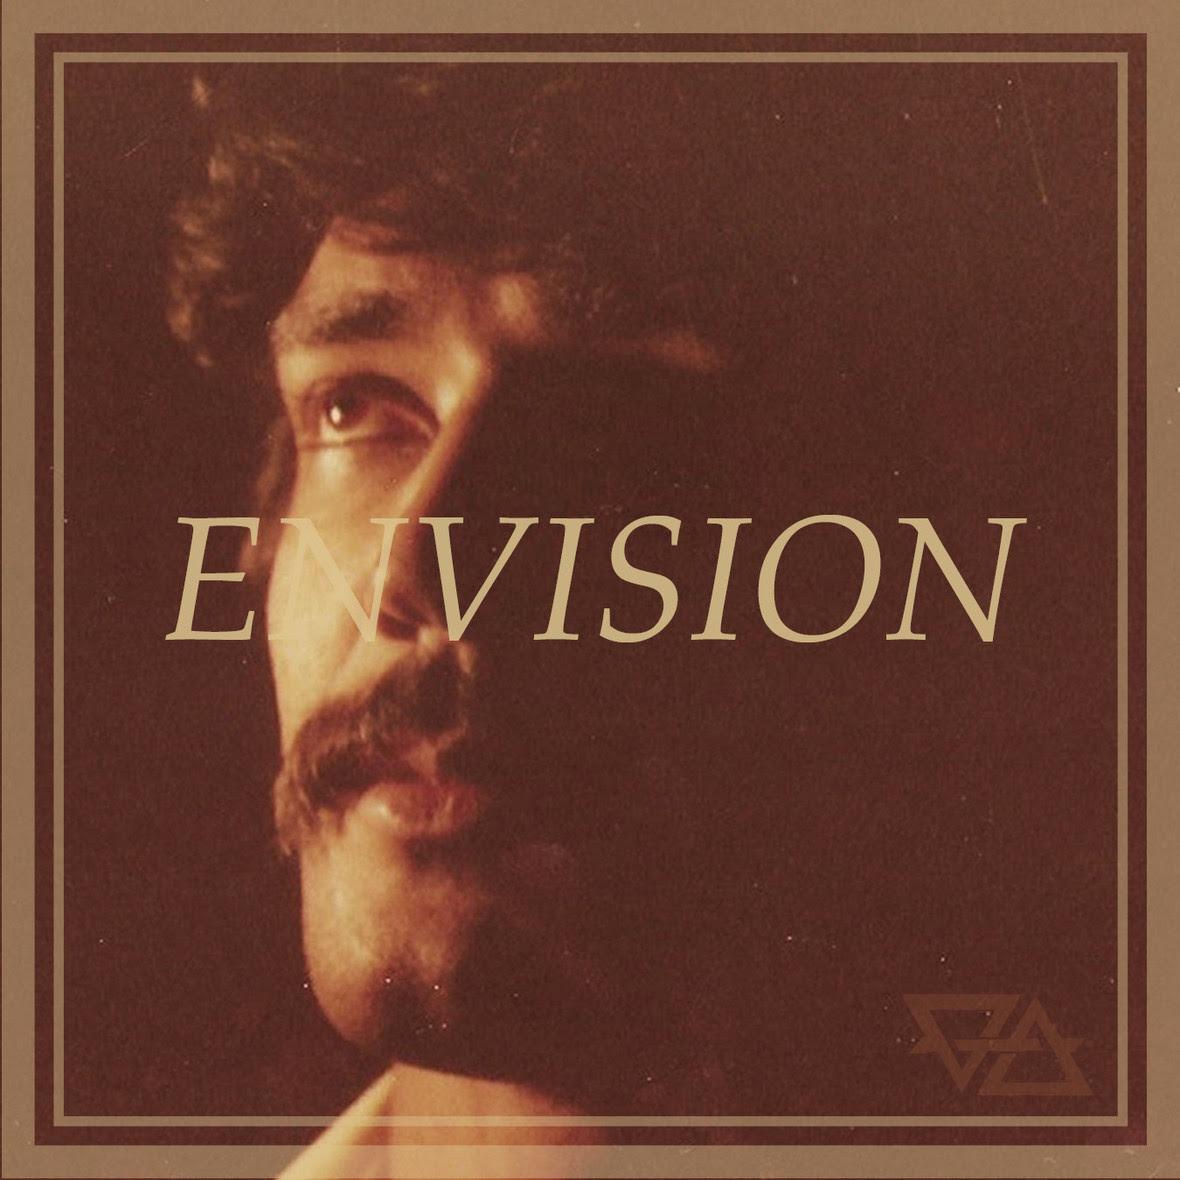 Envision Single Art